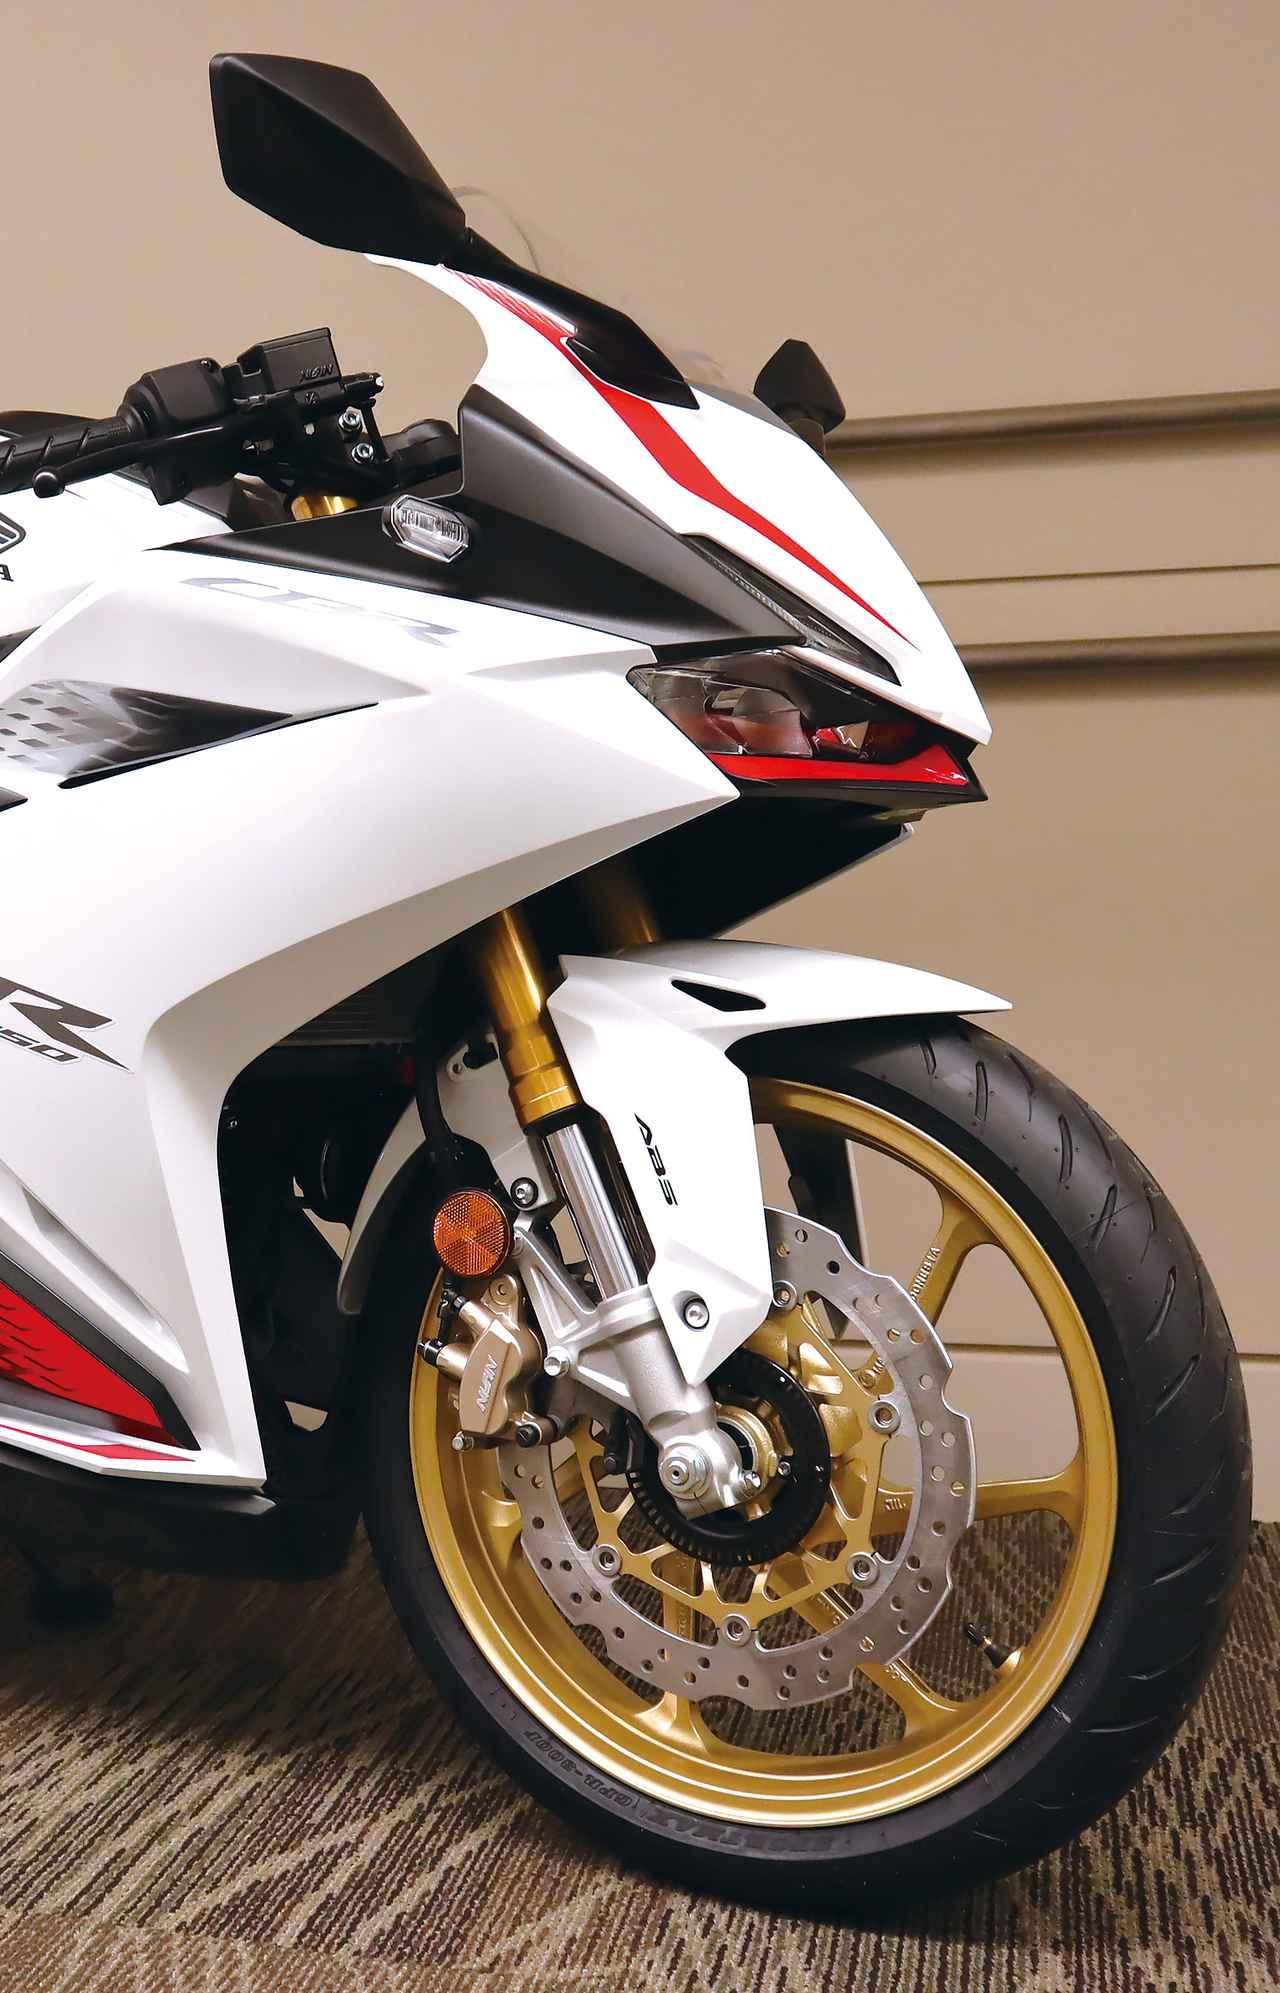 Images : 2番目の画像 - 「CBR250RR」ホワイト(市販予定車)2020年ニューカラーの写真をもっと見る - webオートバイ